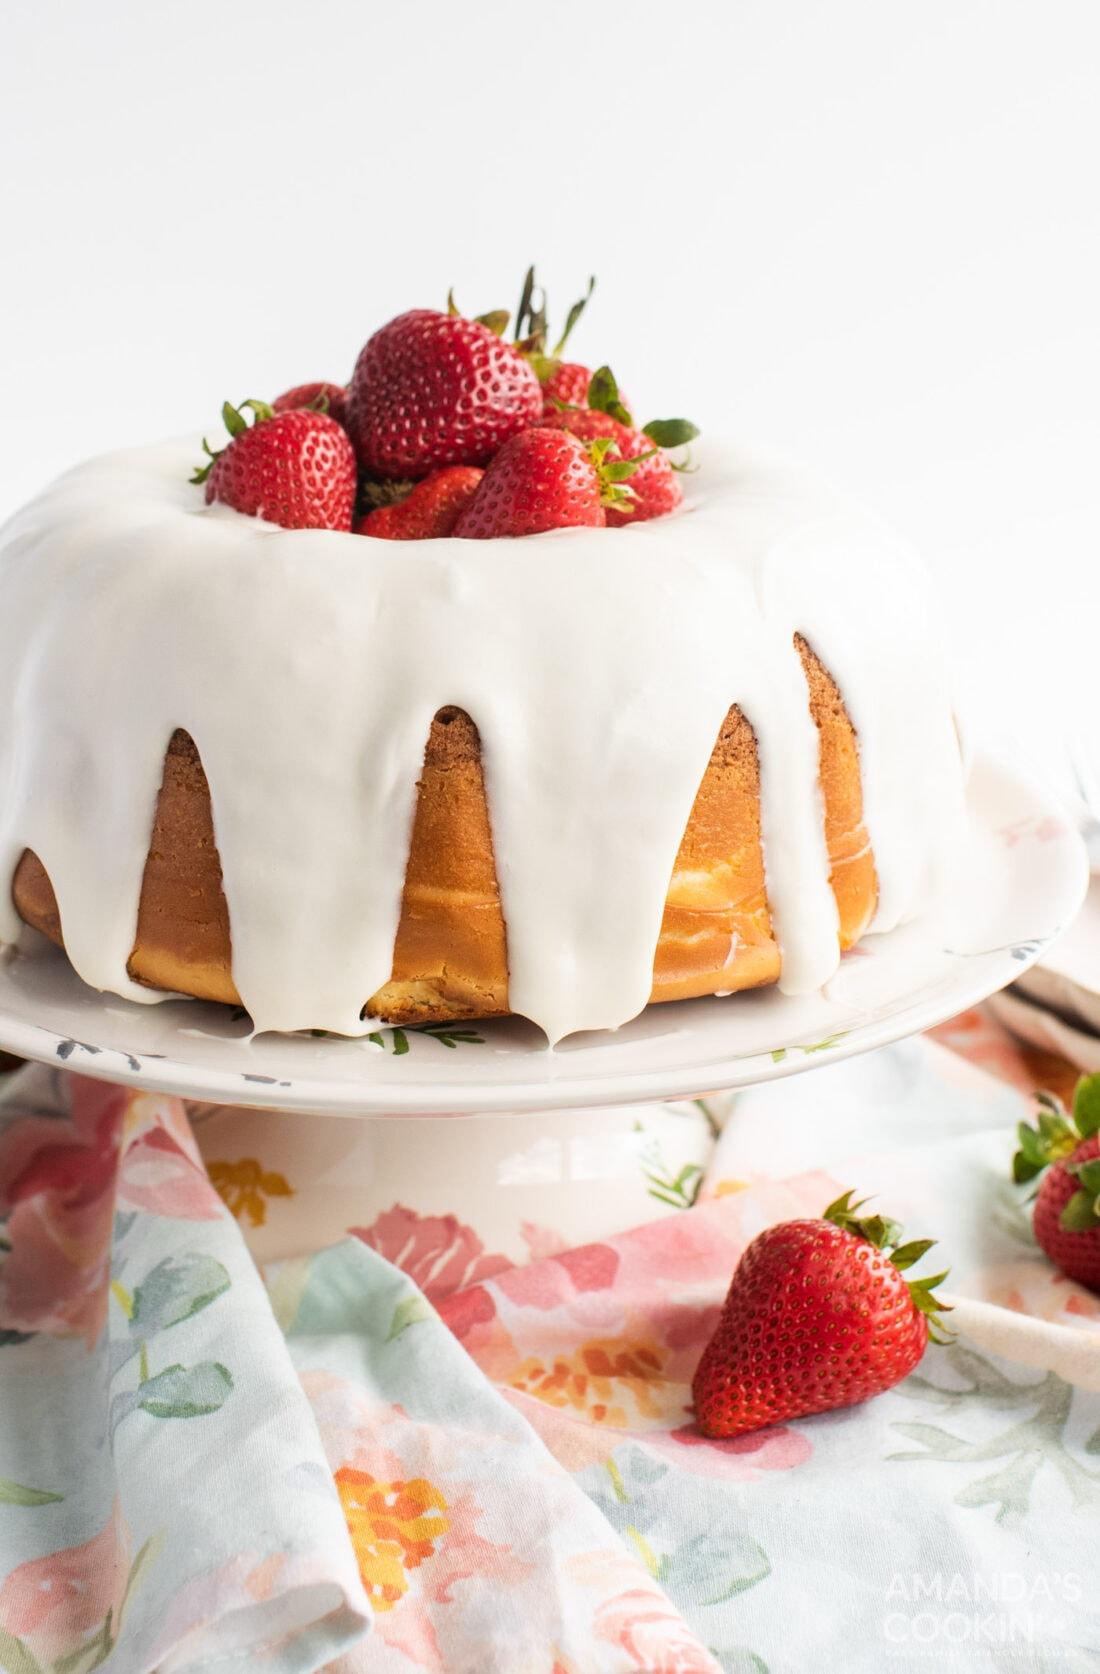 strawberry bundt cake on a cake plate